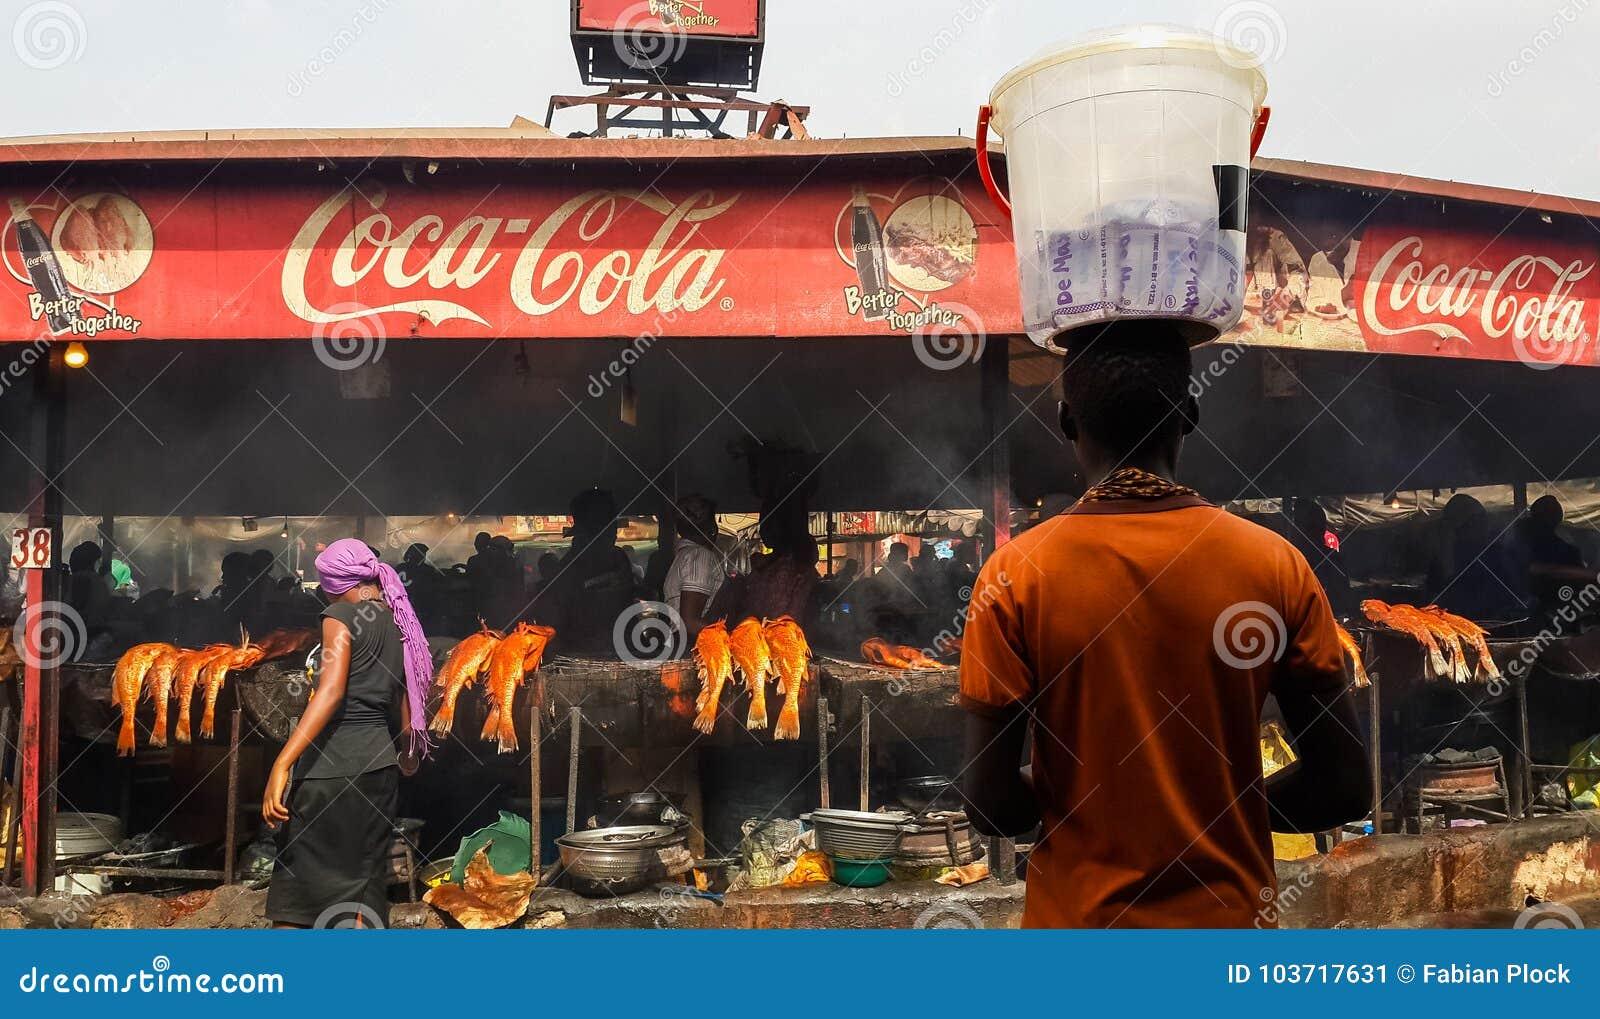 АБУДЖА, НИГЕРИЯ, АФРИКА - 3-ЬЕ МАРТА 2014: Неопознанный африканский человек балансируя пластичное ведро на рыбном базаре Абуджи